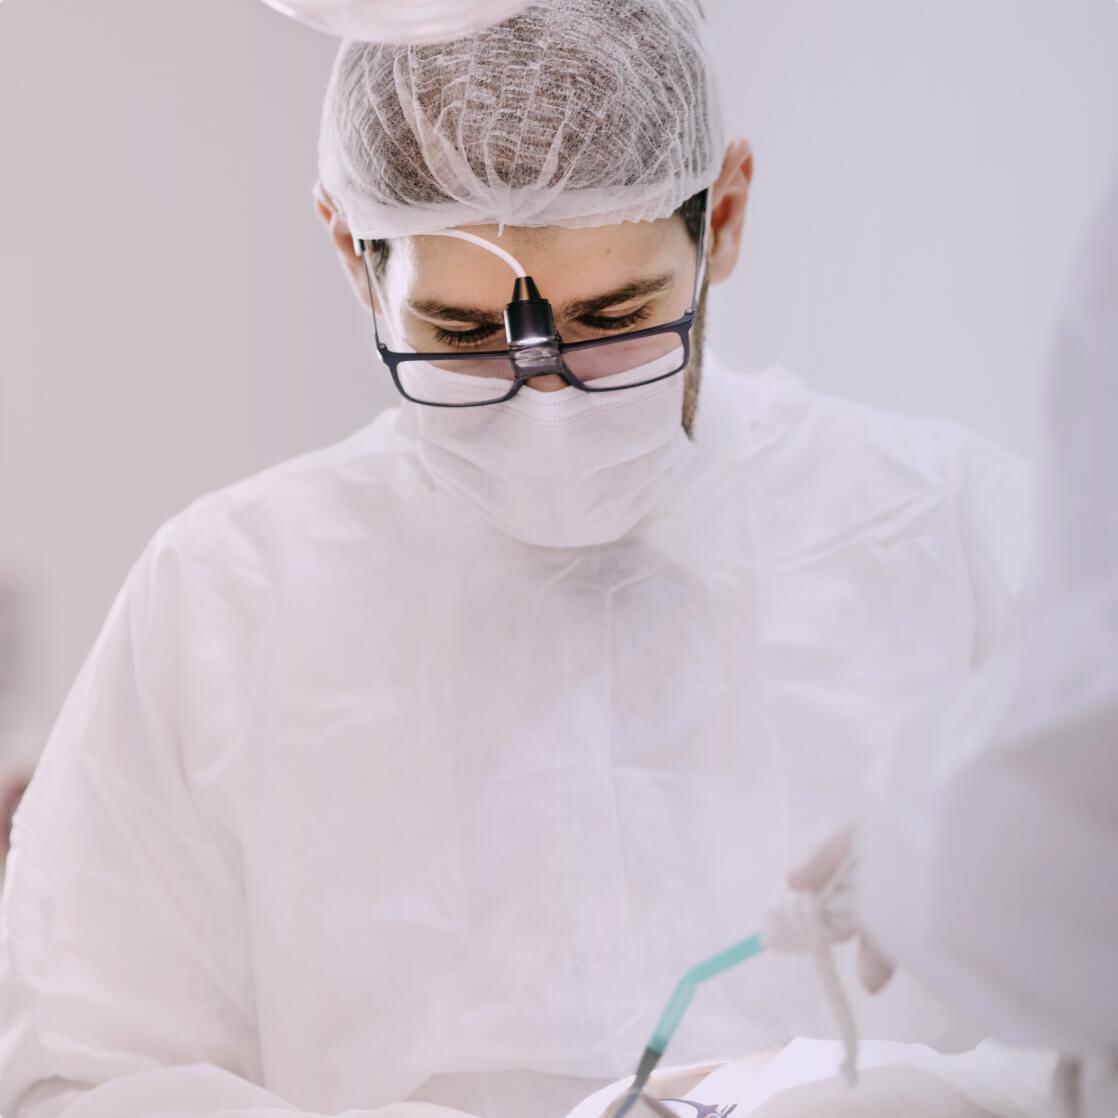 A dental surgeon